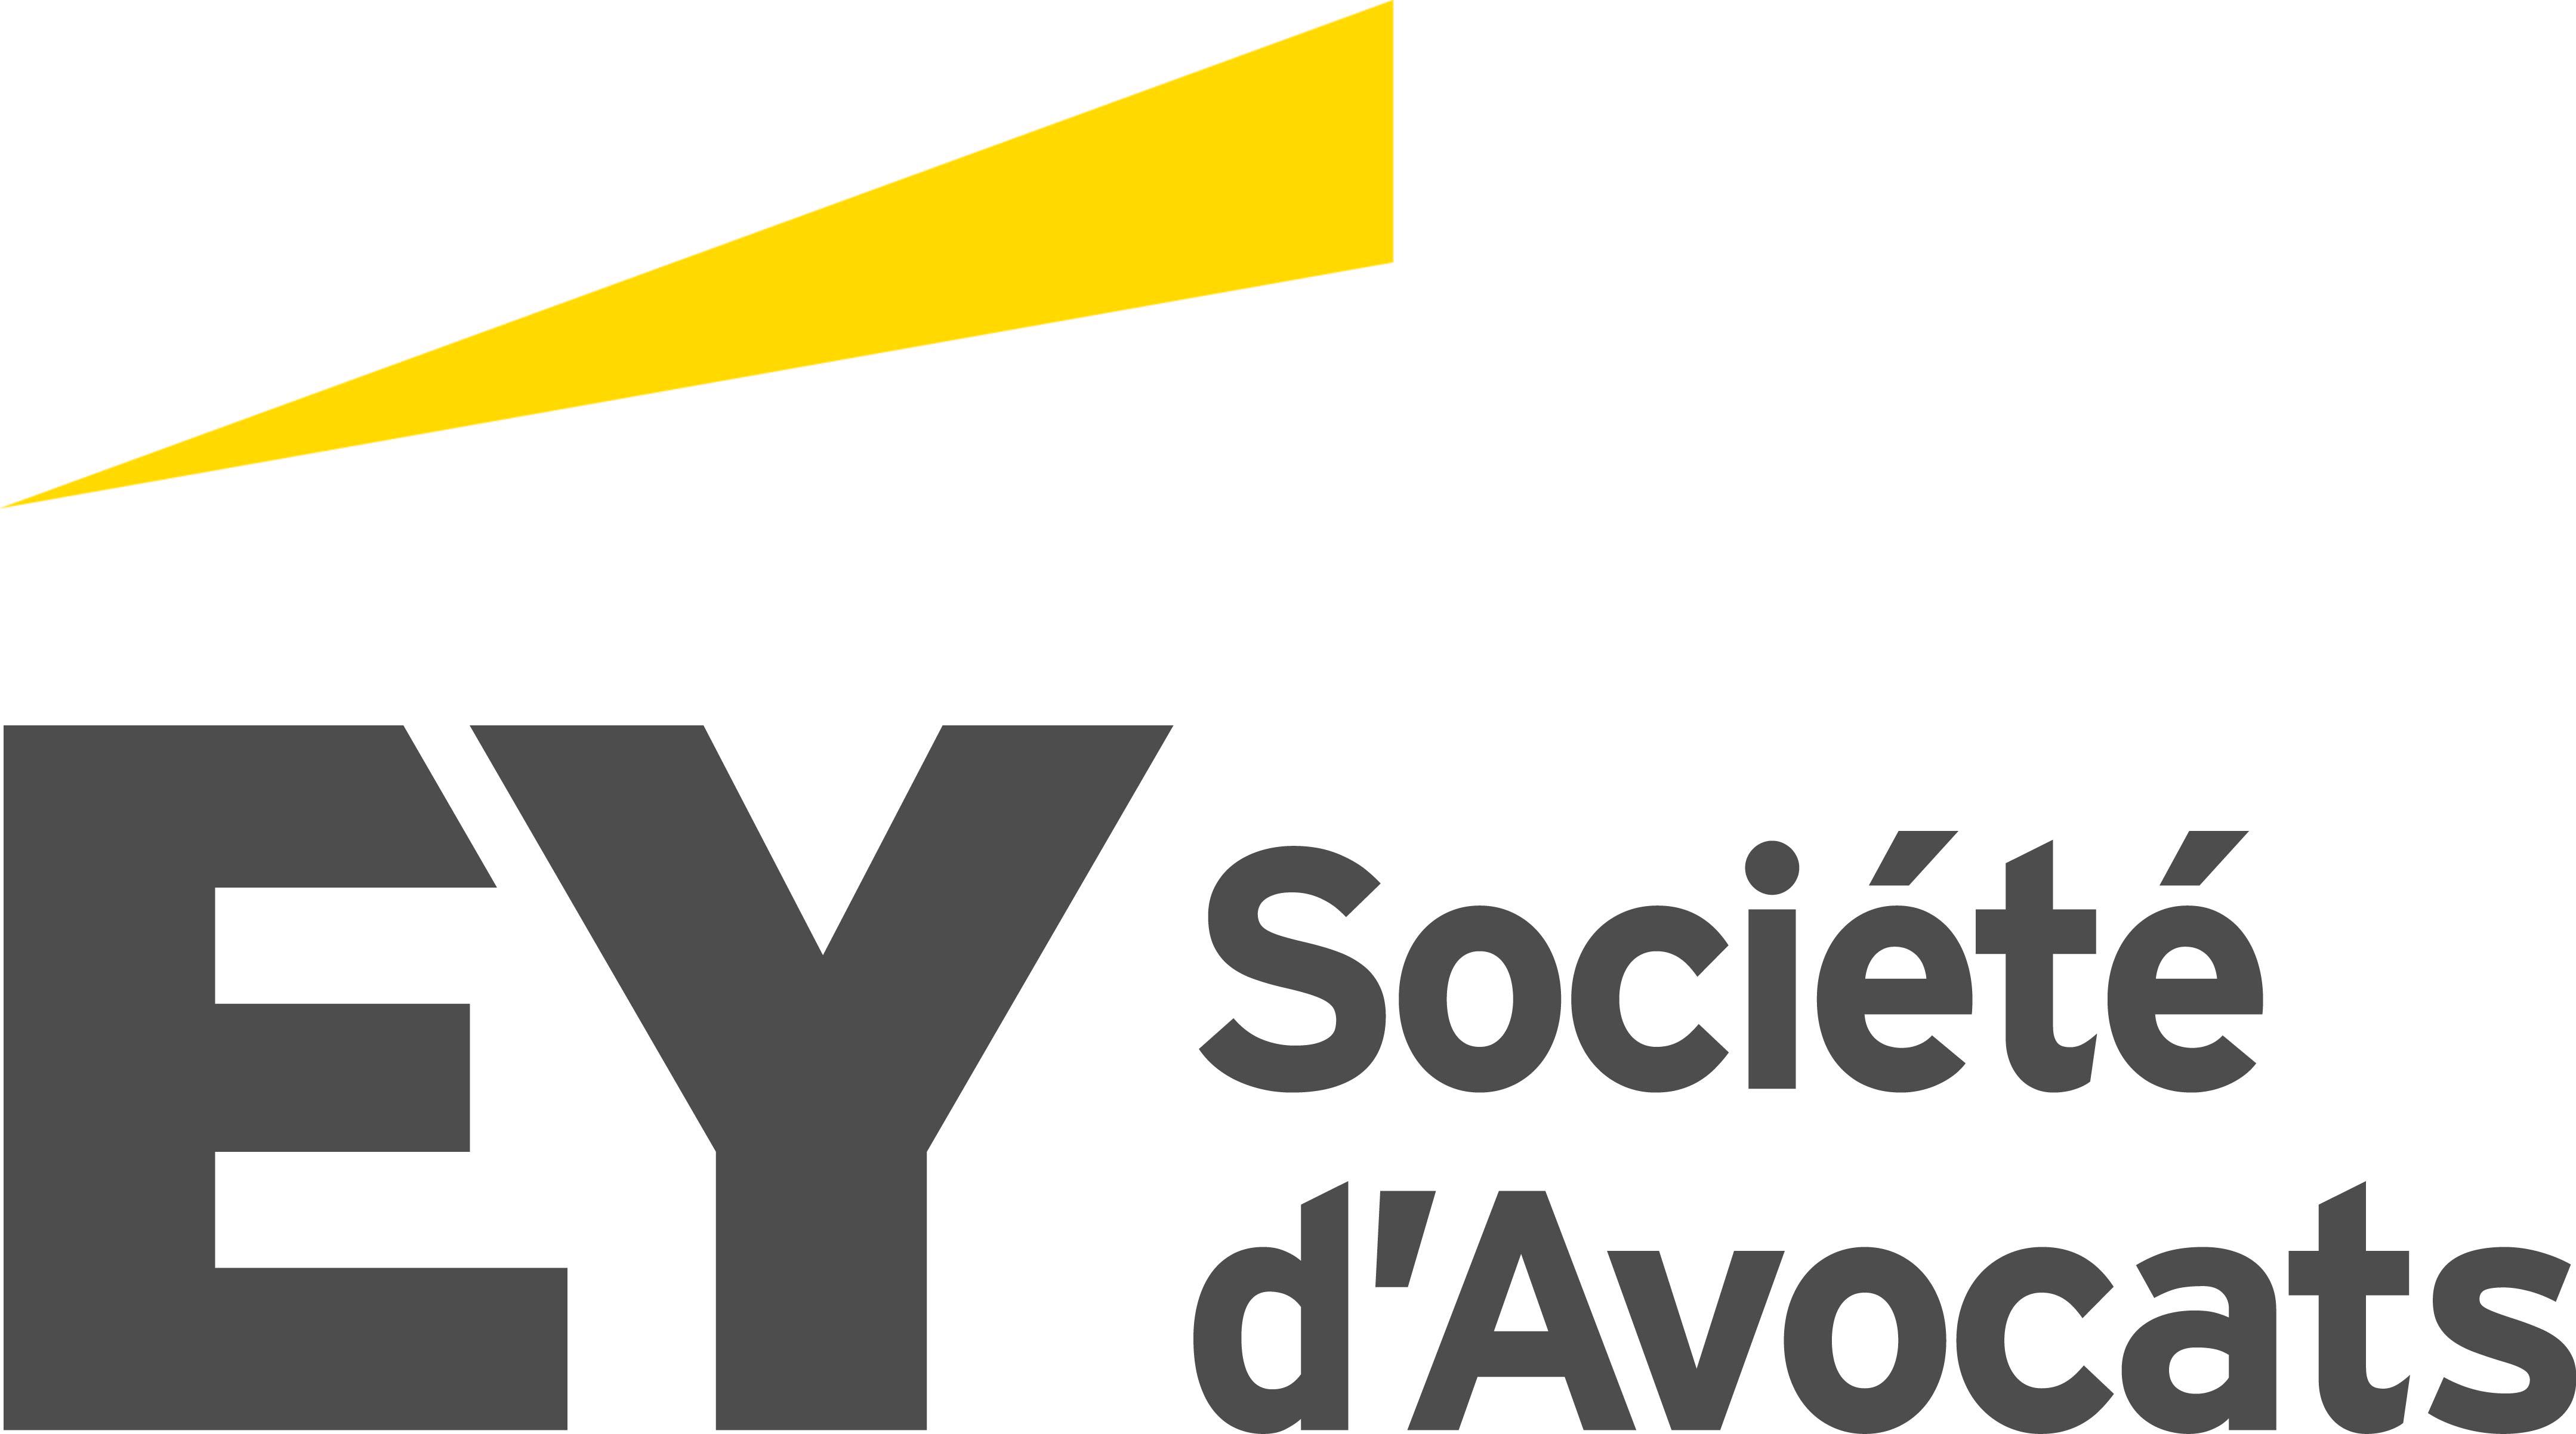 Carrières-Juridiques.com - EY Société d'Avocats on